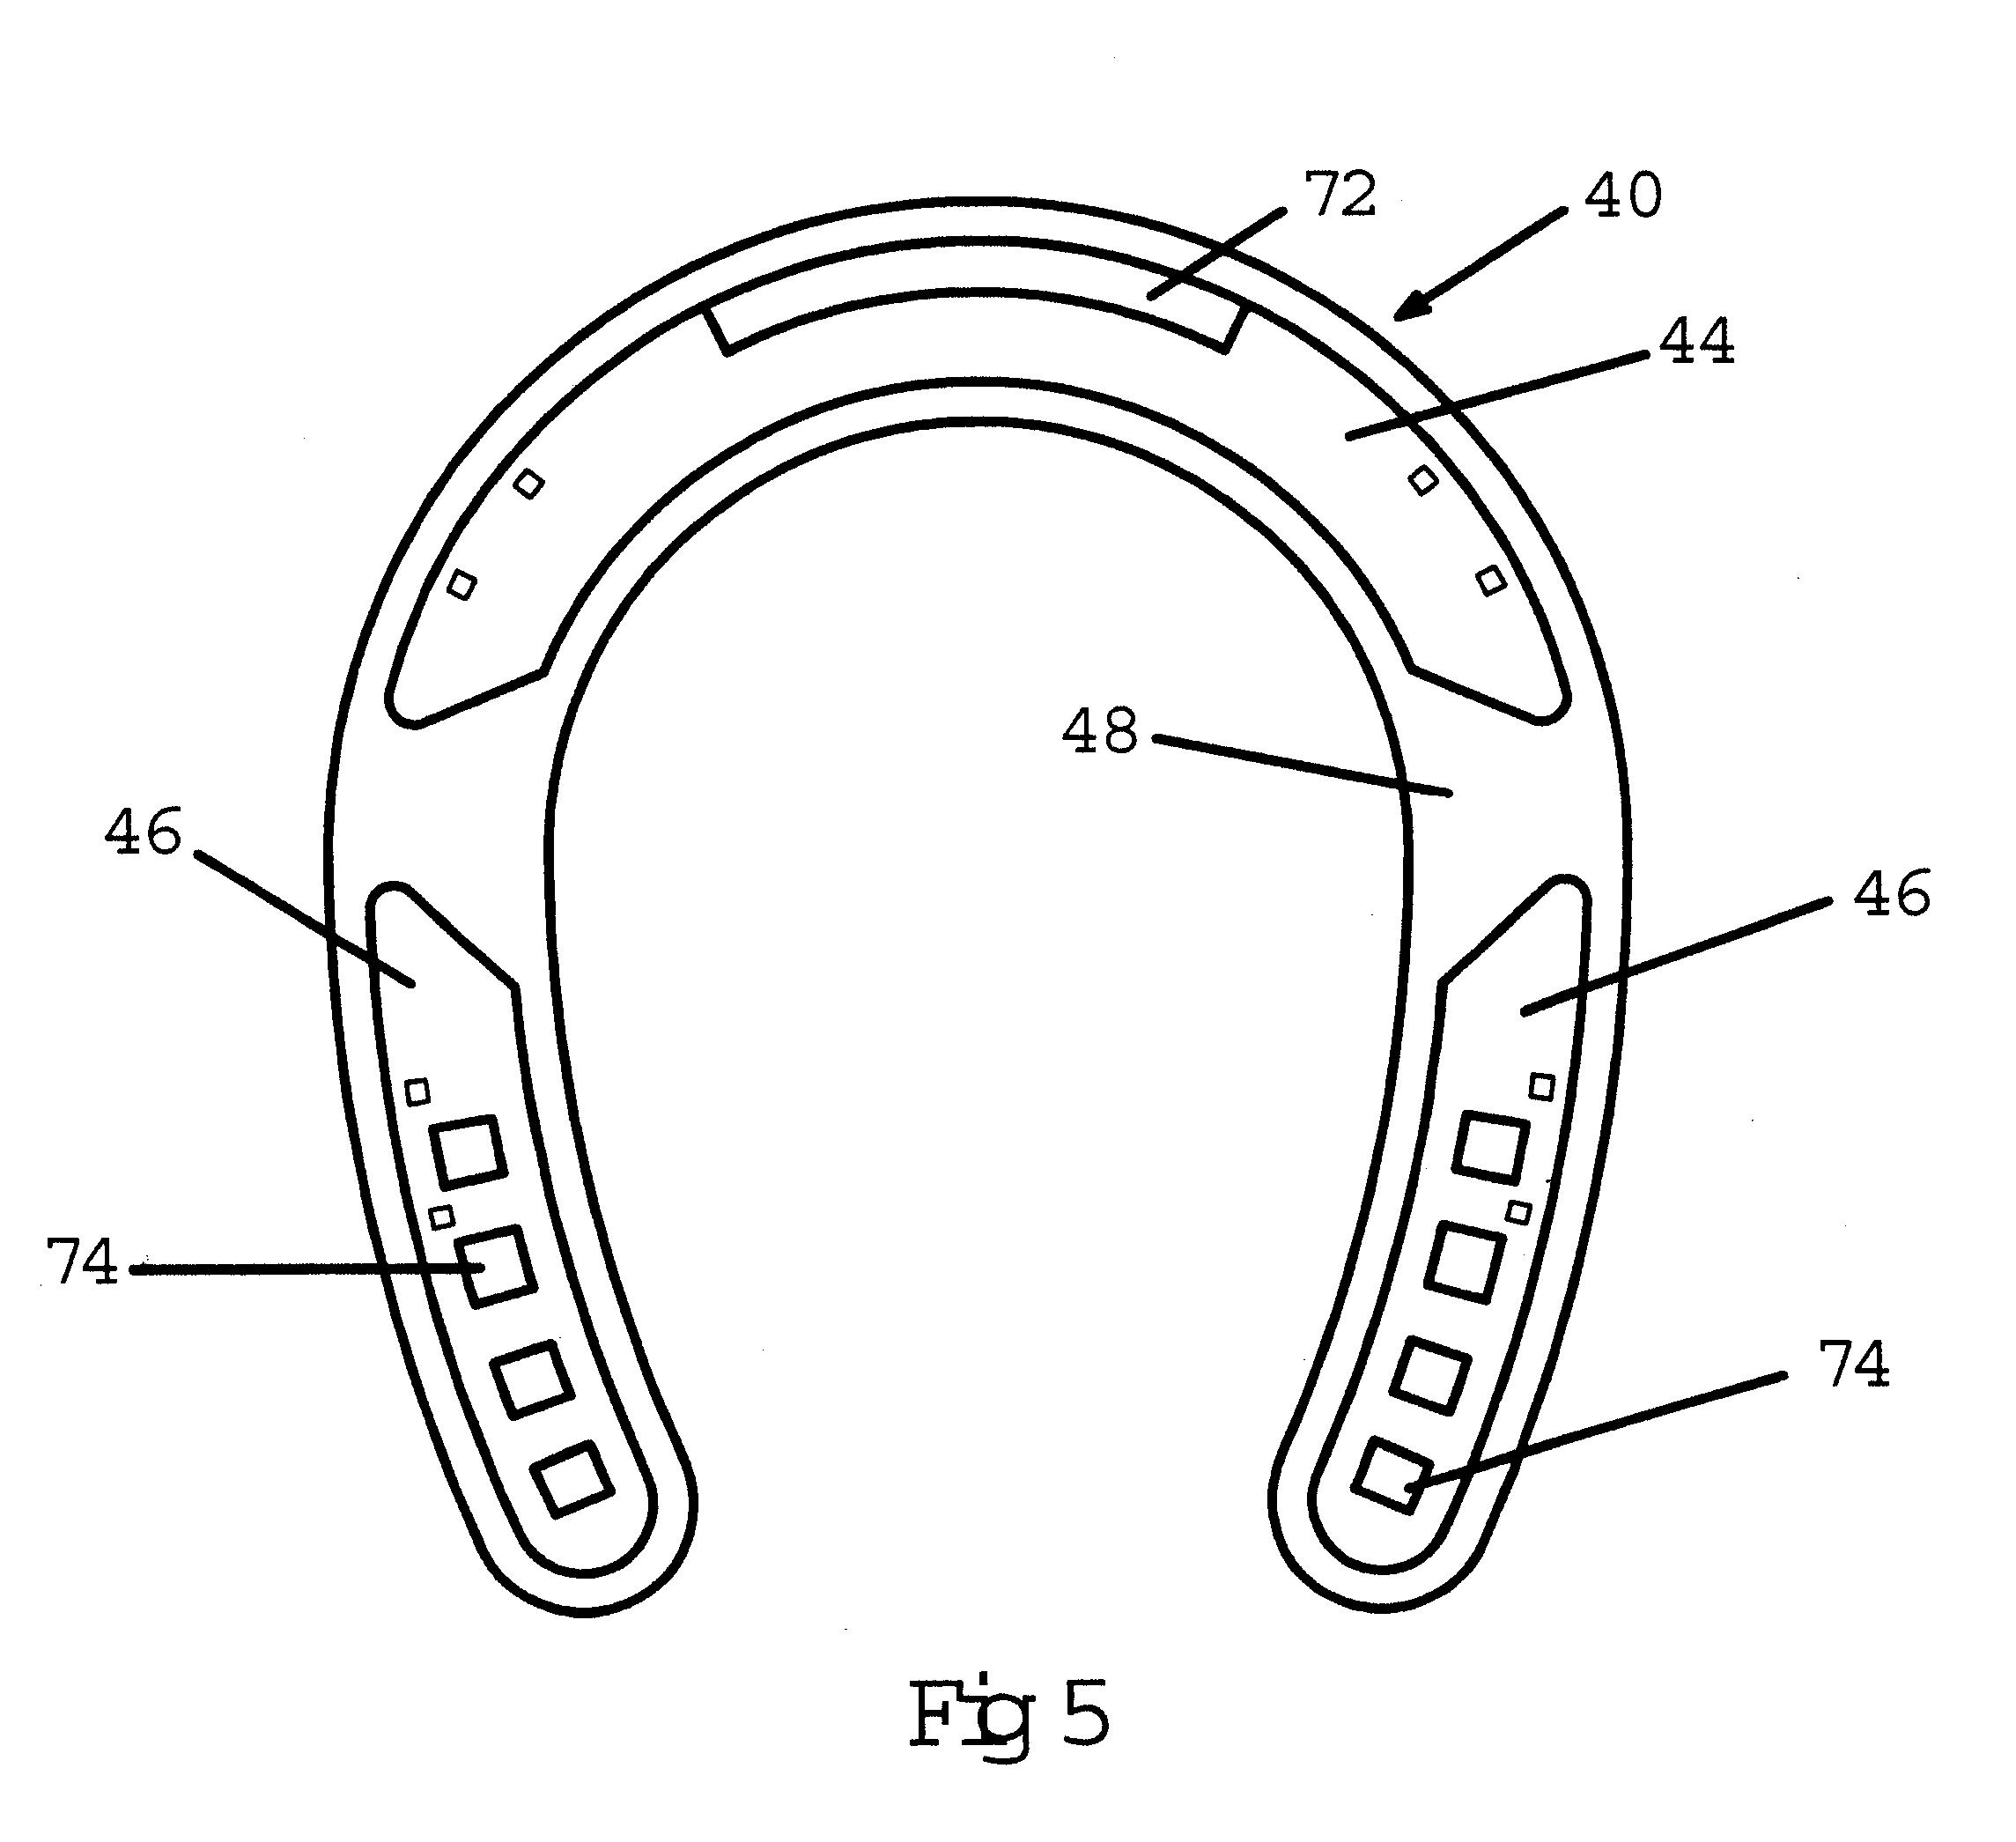 Drawn horseshoe ear US6497293 Drawing Google Patents Horseshoe